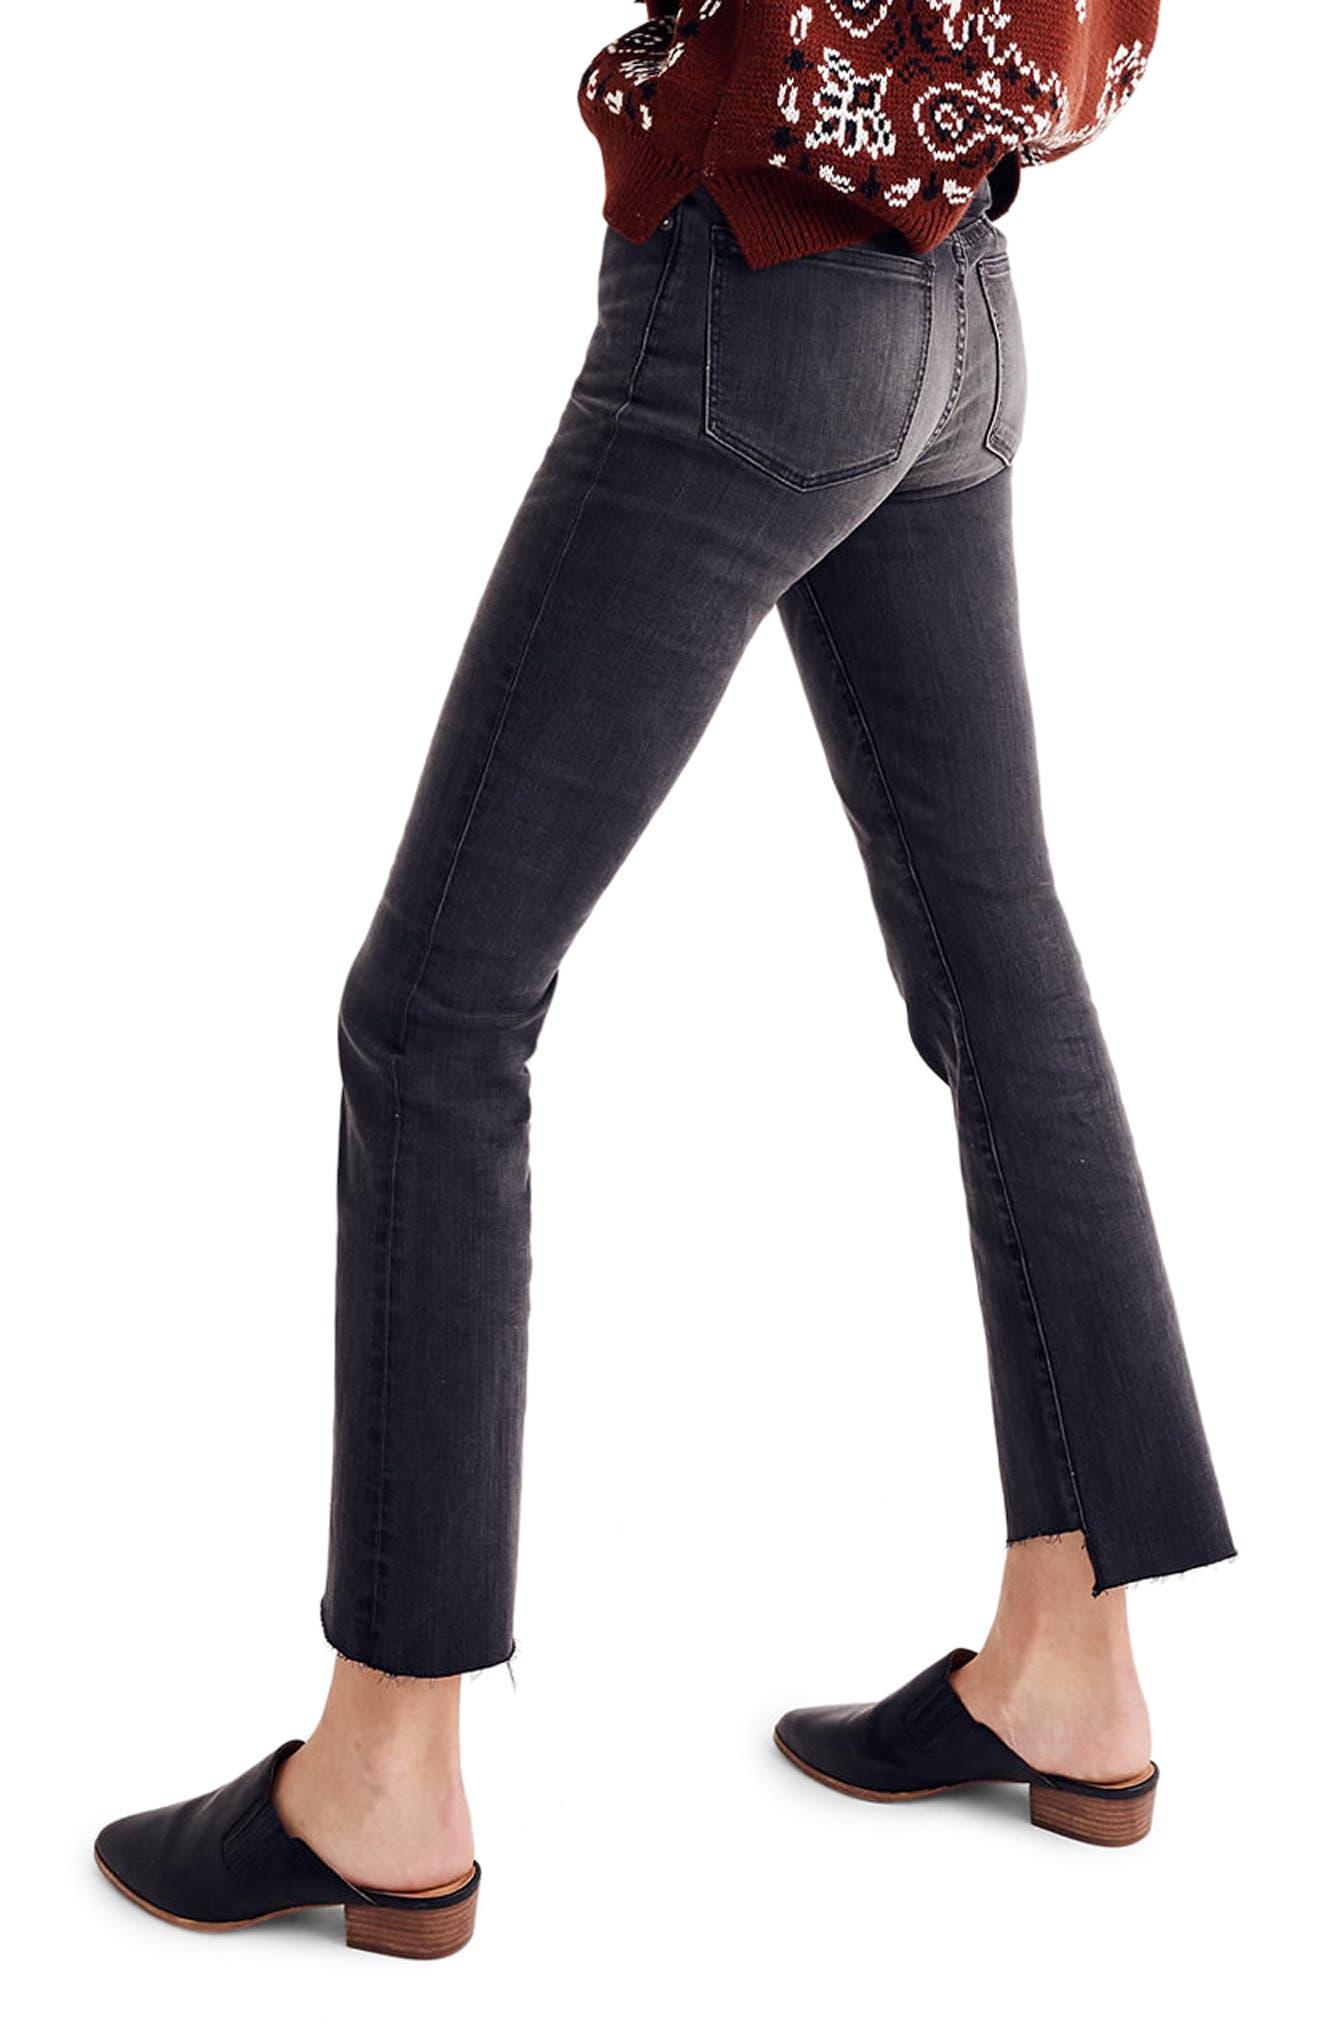 Cali Demi Bootcut Crop Jeans,                             Alternate thumbnail 2, color,                             408